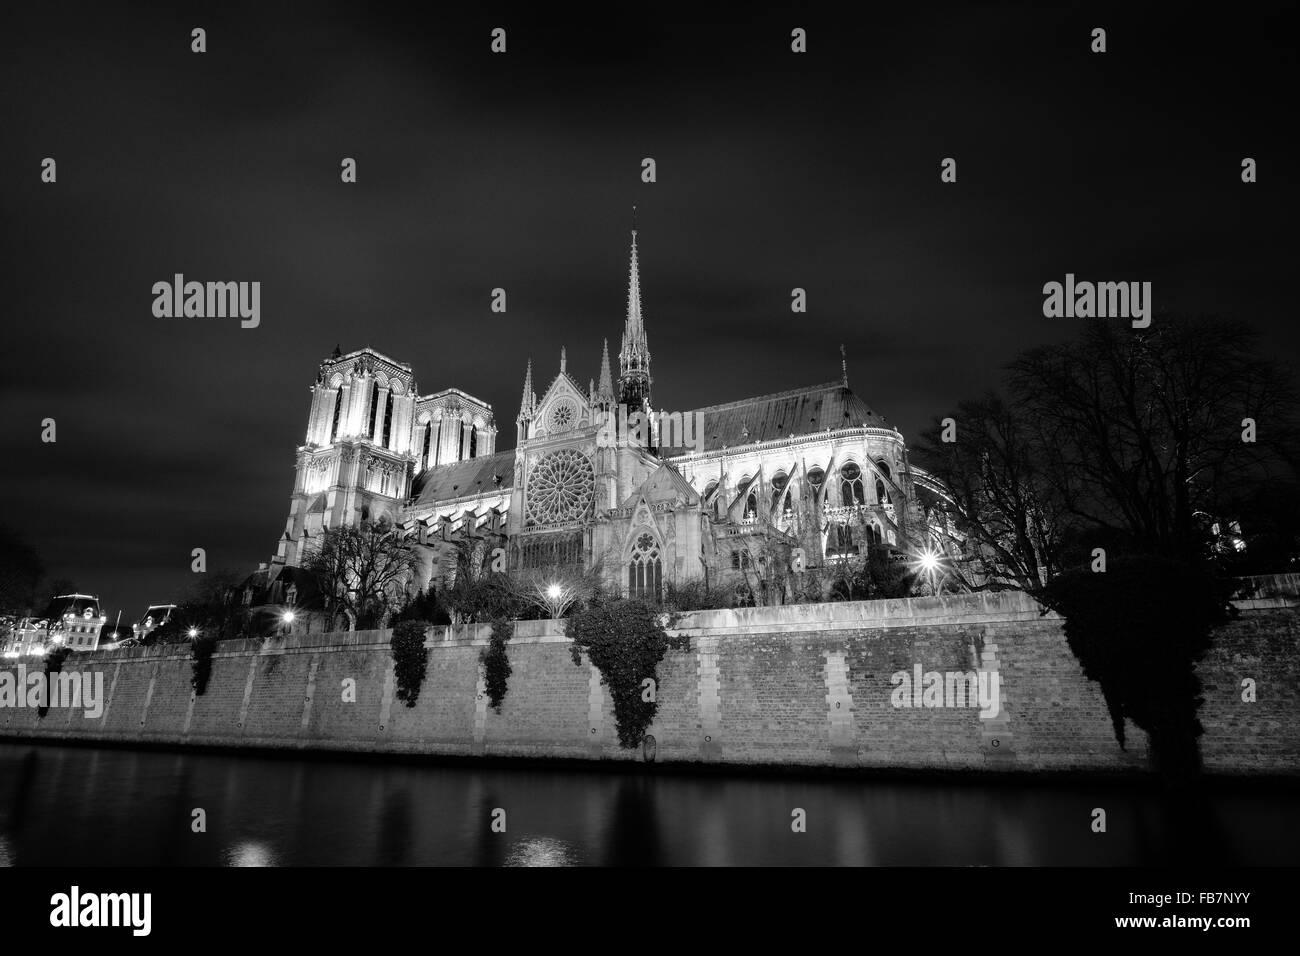 Une belle scène de nuit de Cathédrale Notre Dame le long de la Seine, Paris France. Photo Stock